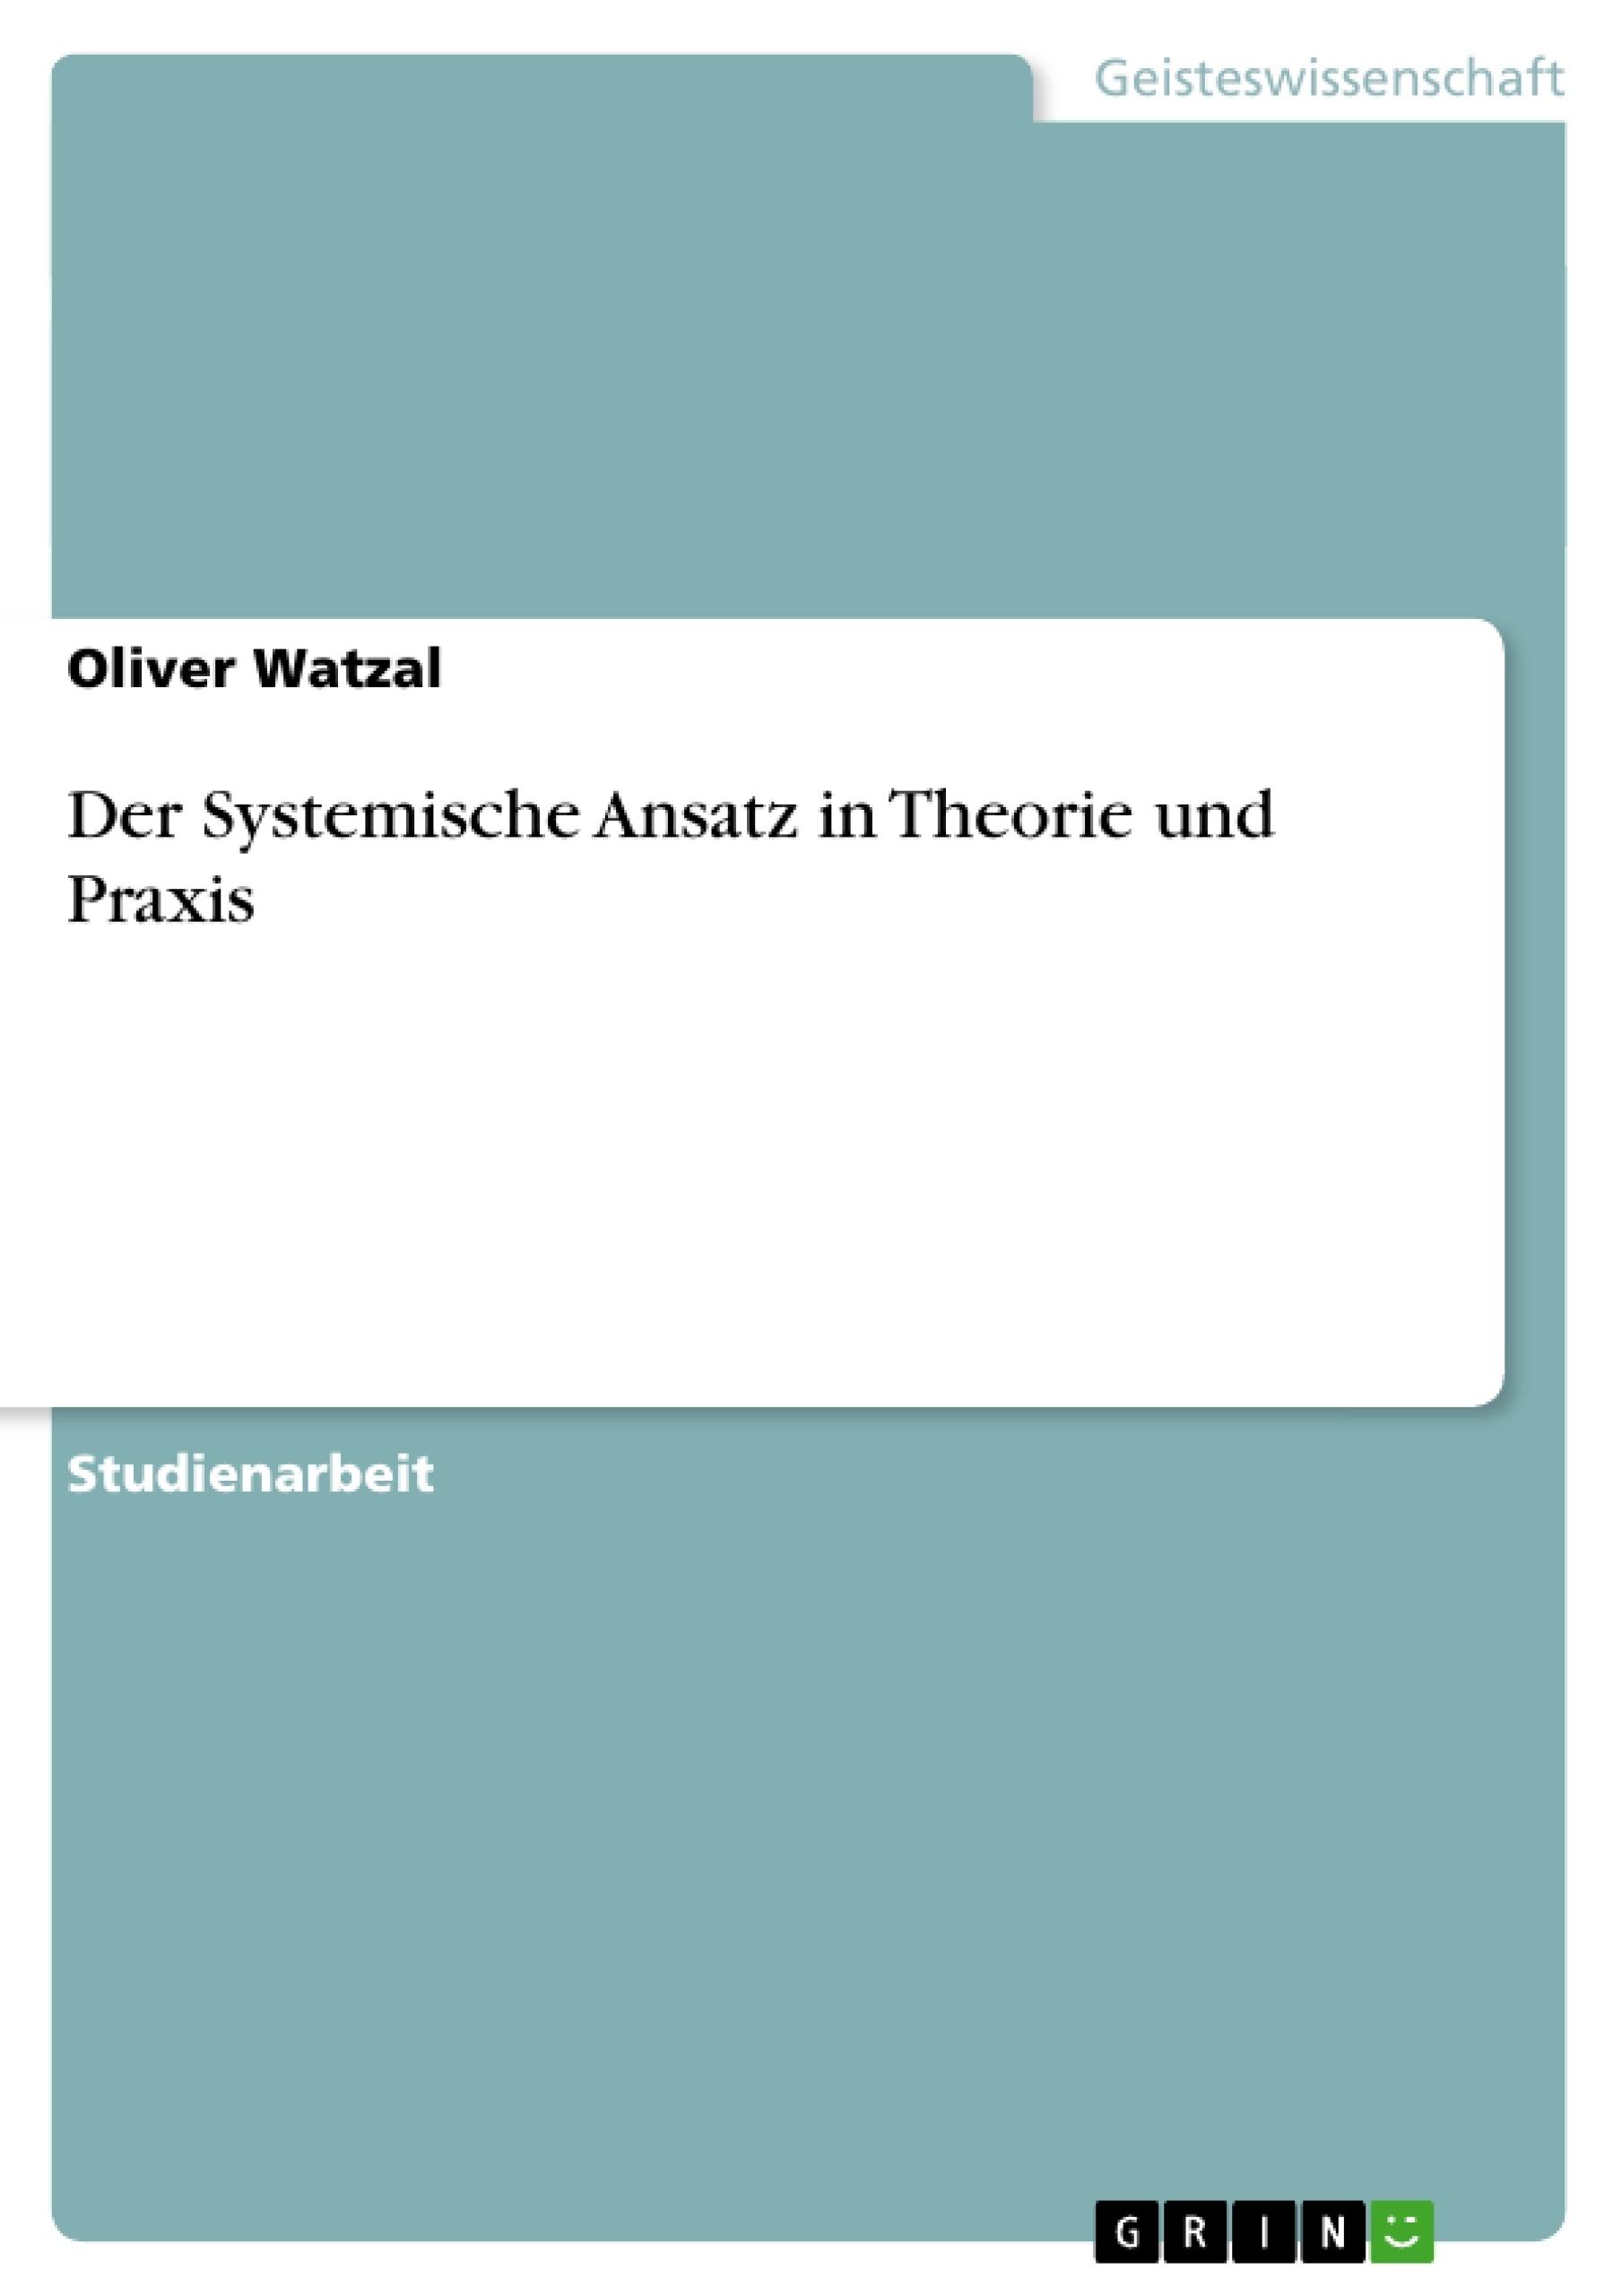 Titel: Der Systemische Ansatz in Theorie und Praxis